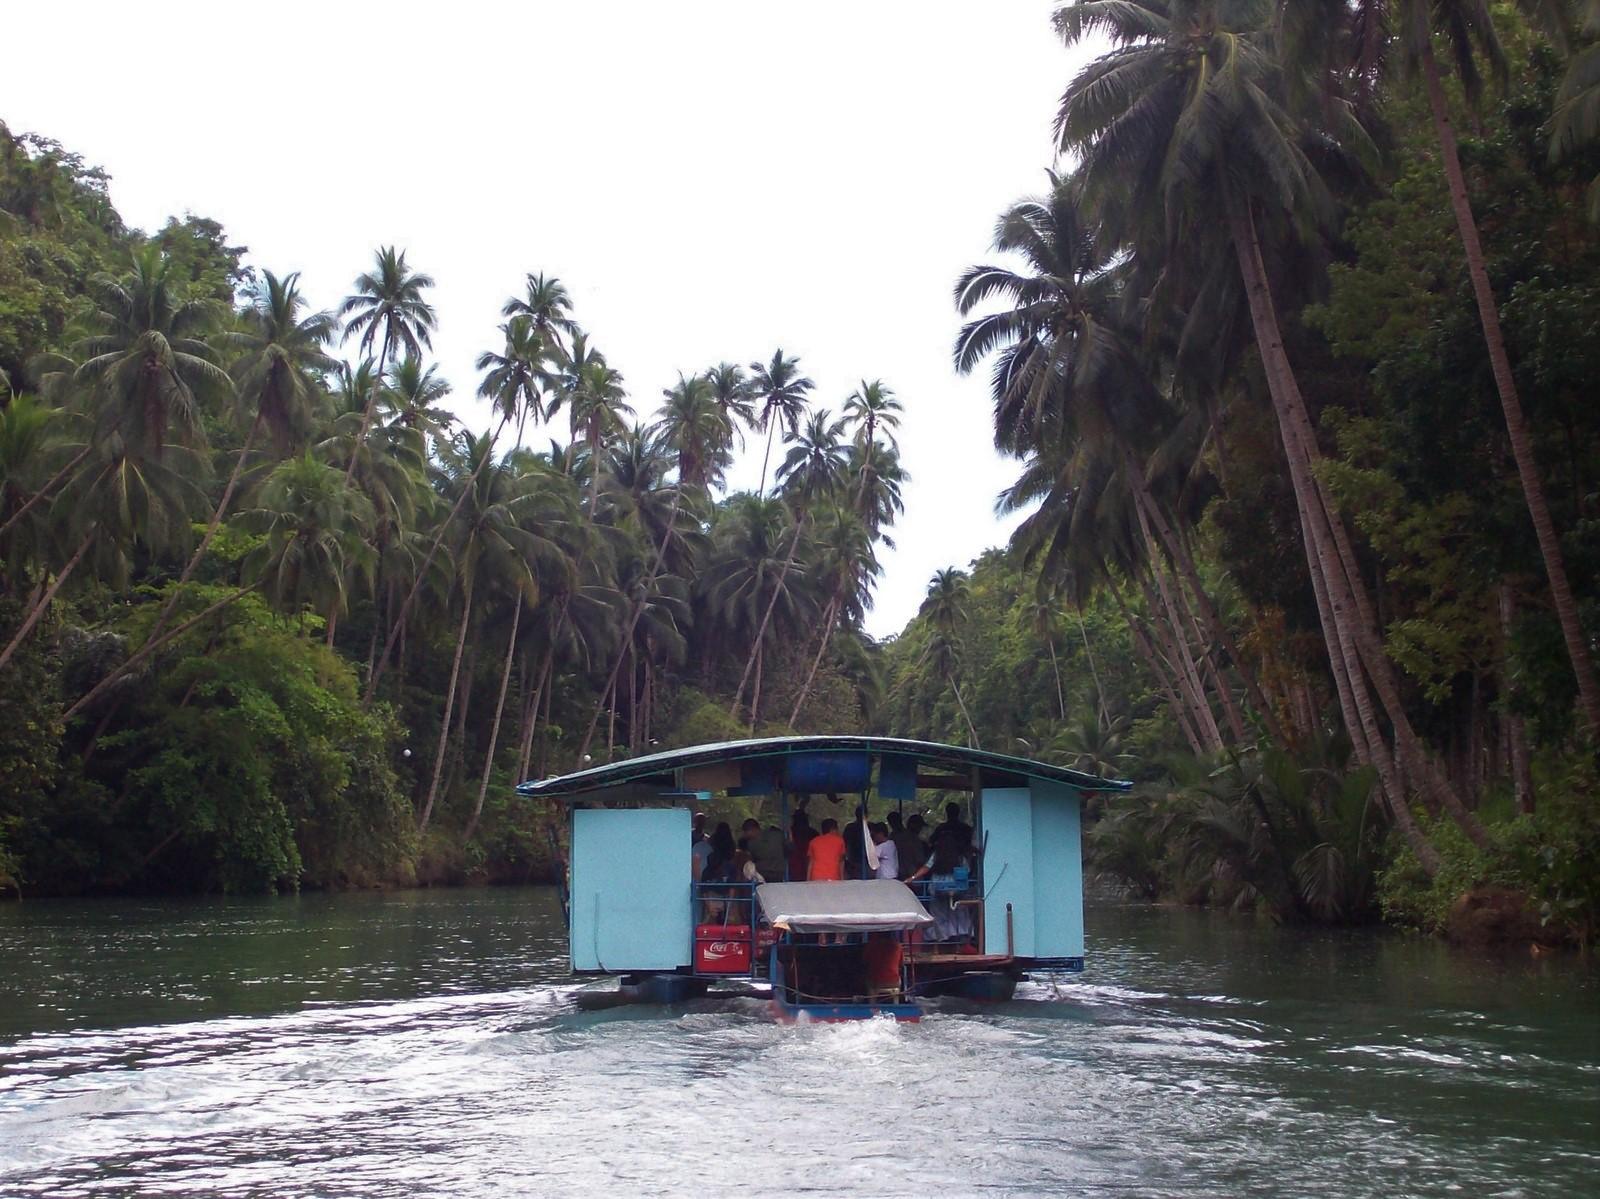 Bootsausflug auf dem Loboc River - Bohol